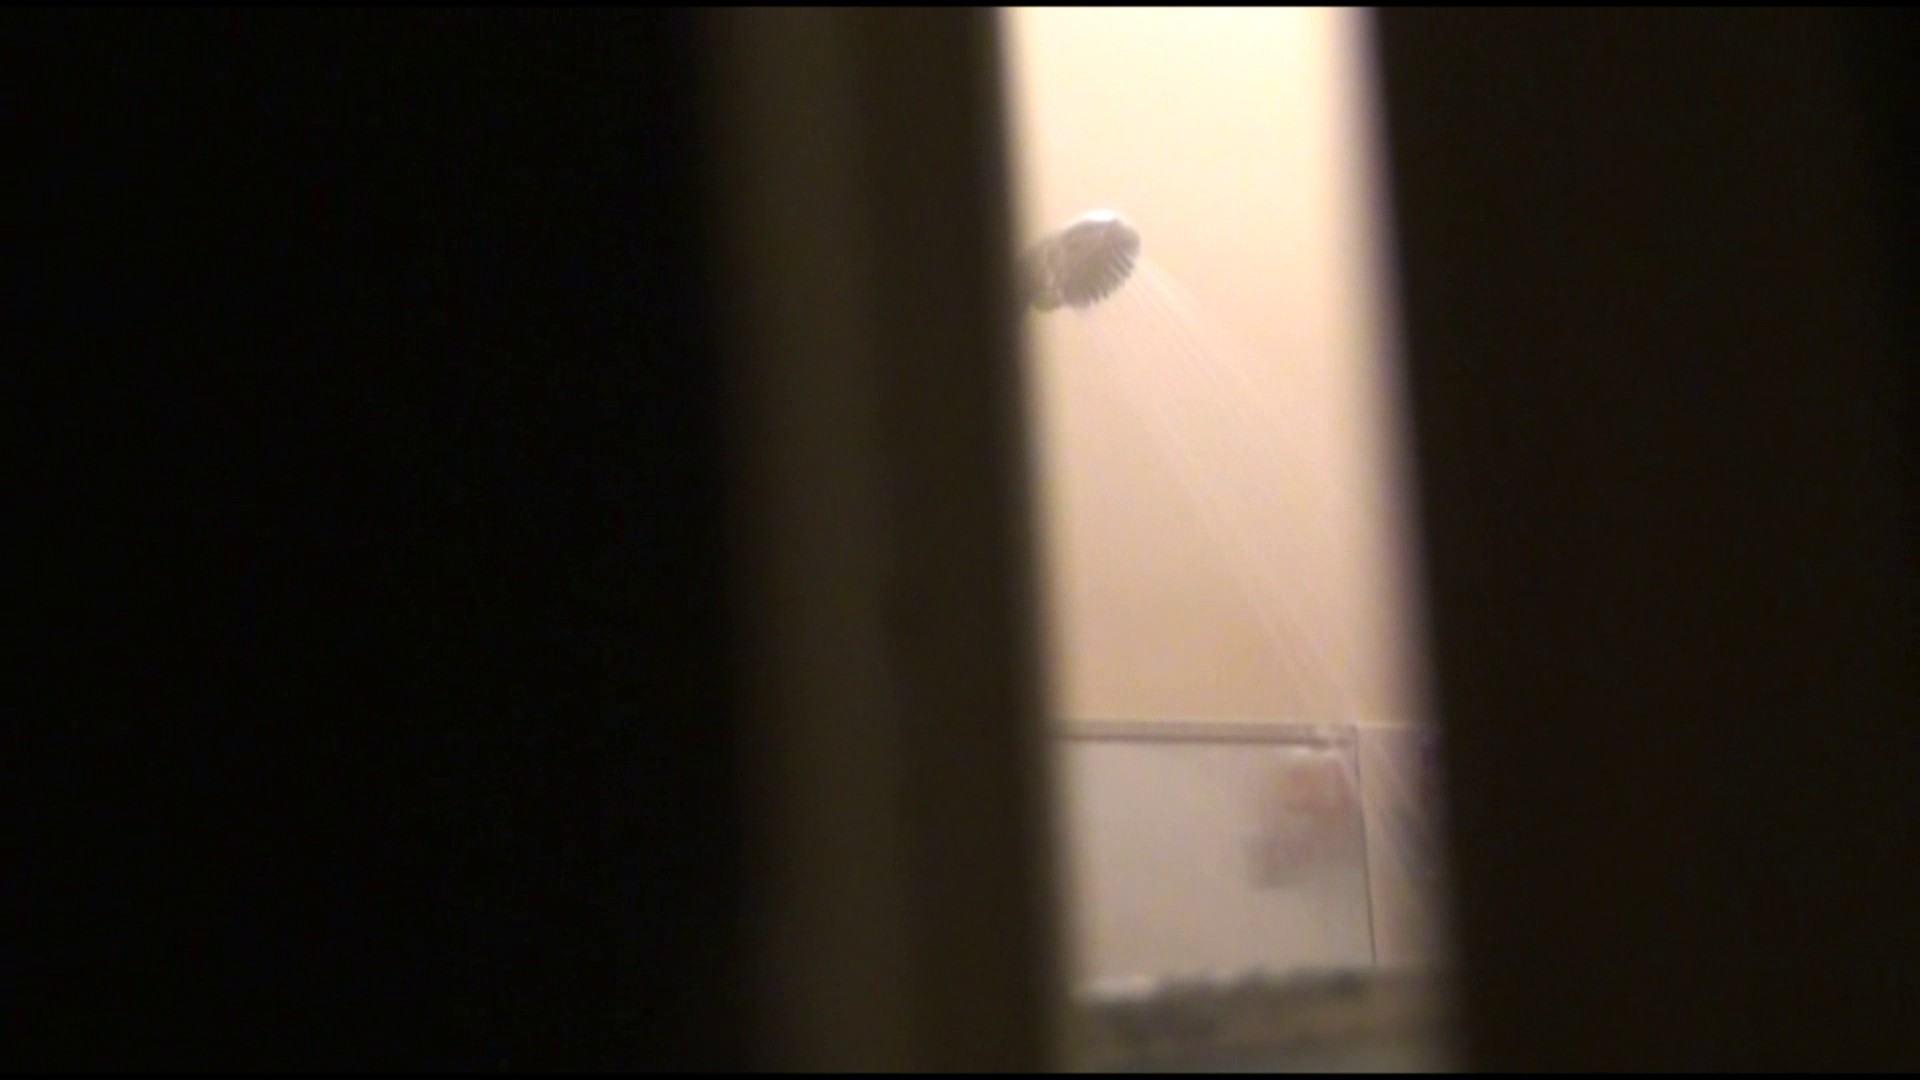 vol.08最高のパイラインを流れるシャワーの水が極上嬢をさらに引き立てます! 美肌 おまんこ無修正動画無料 78画像 3